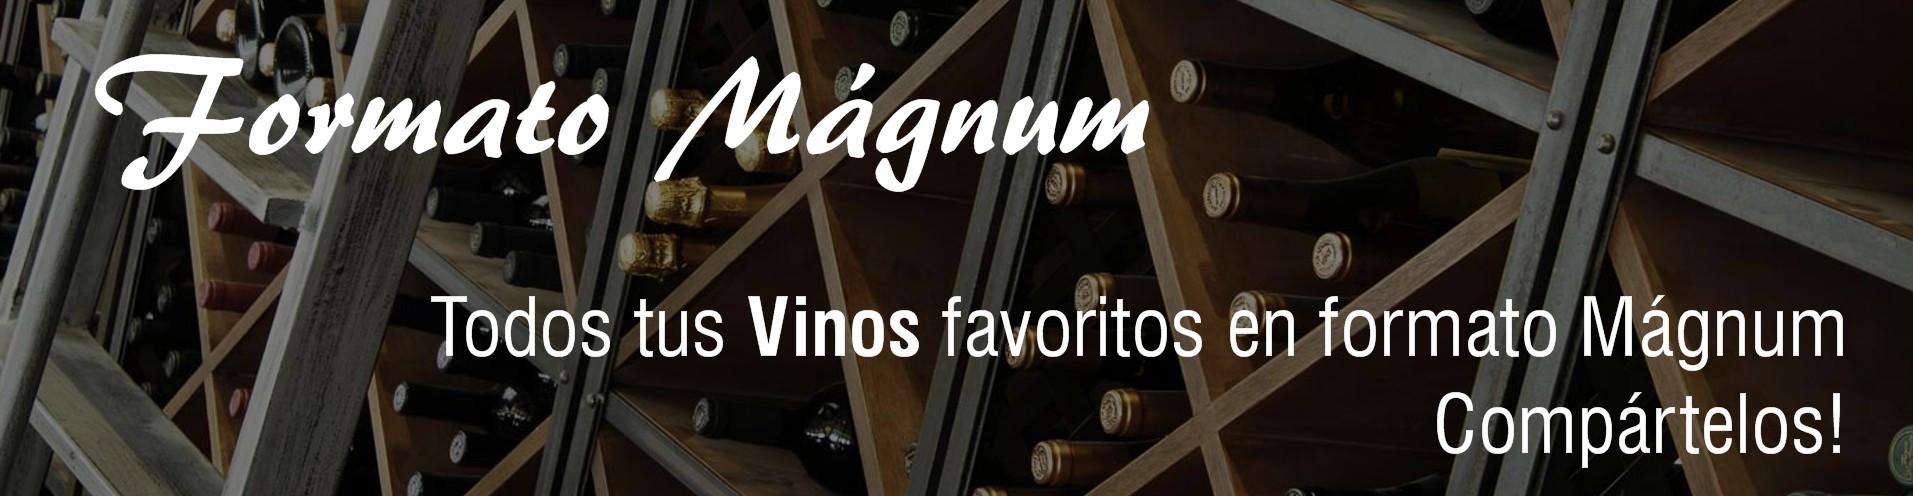 Vinos Formato Mágnum